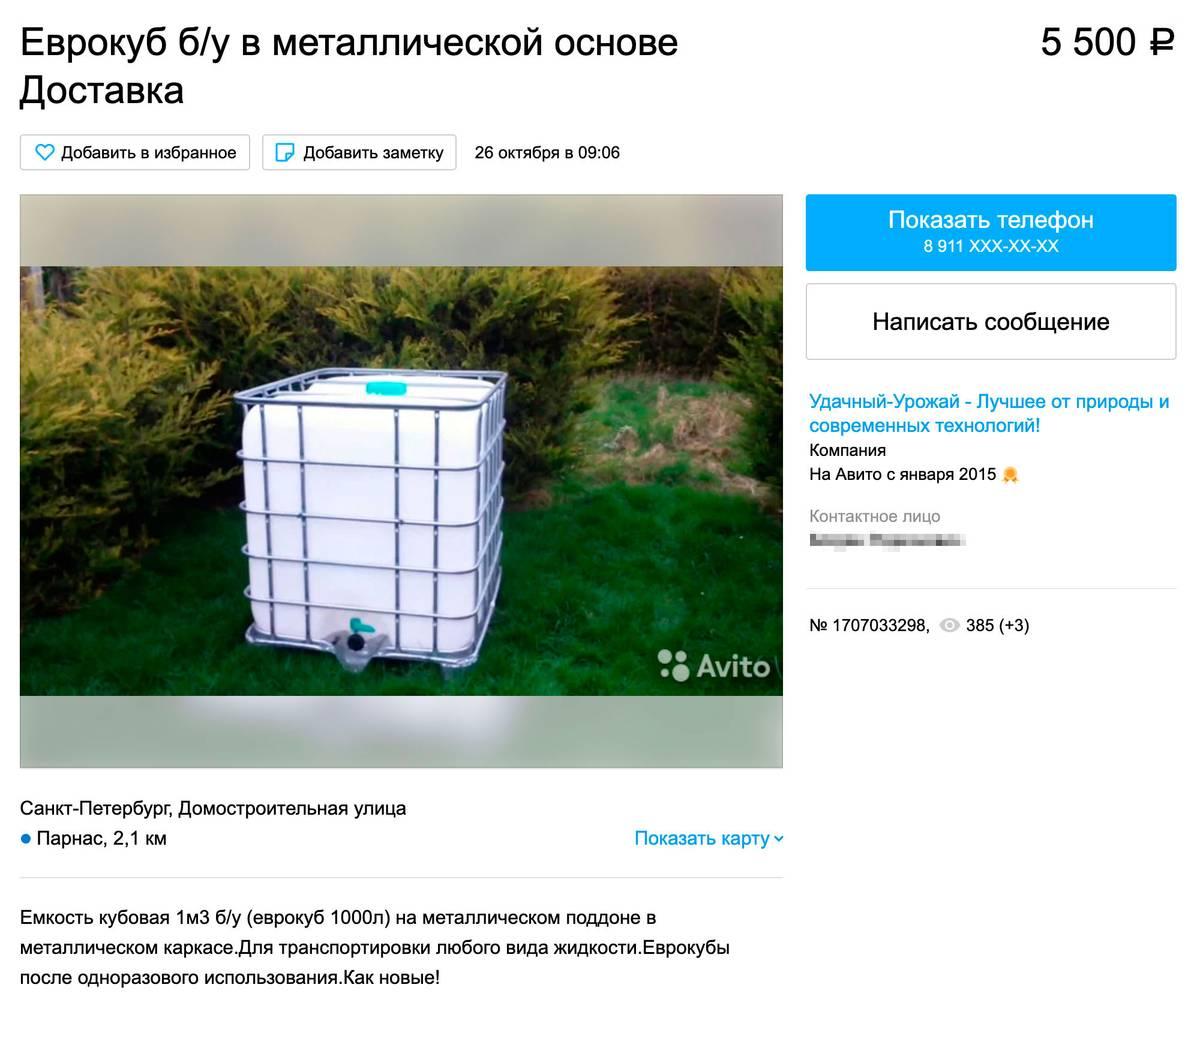 На «Авито» еврокуб можно купить за 3000—5000<span class=ruble>Р</span>